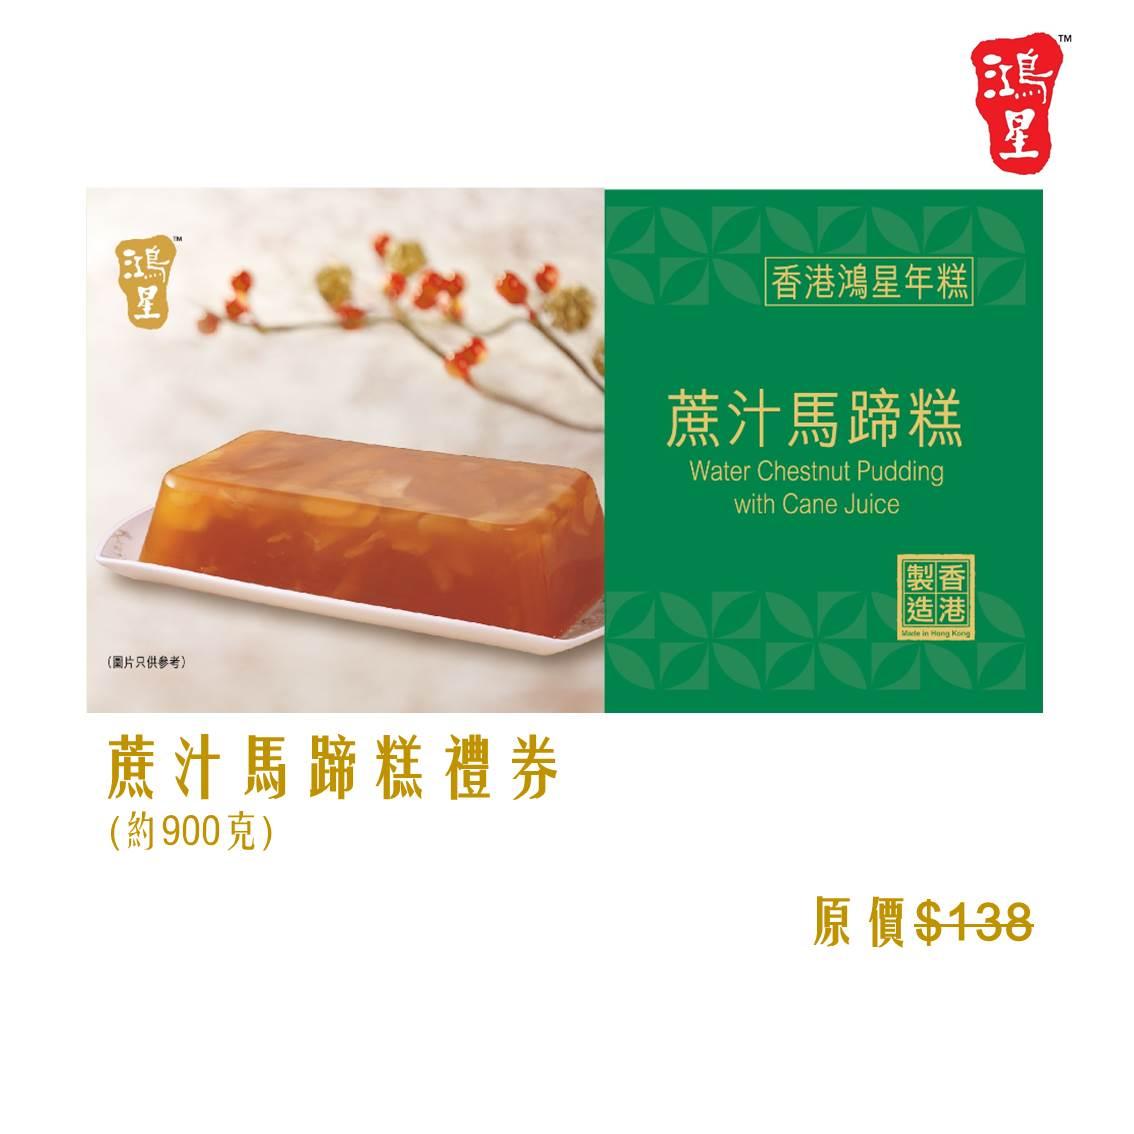 鴻星蔗汁馬蹄糕券